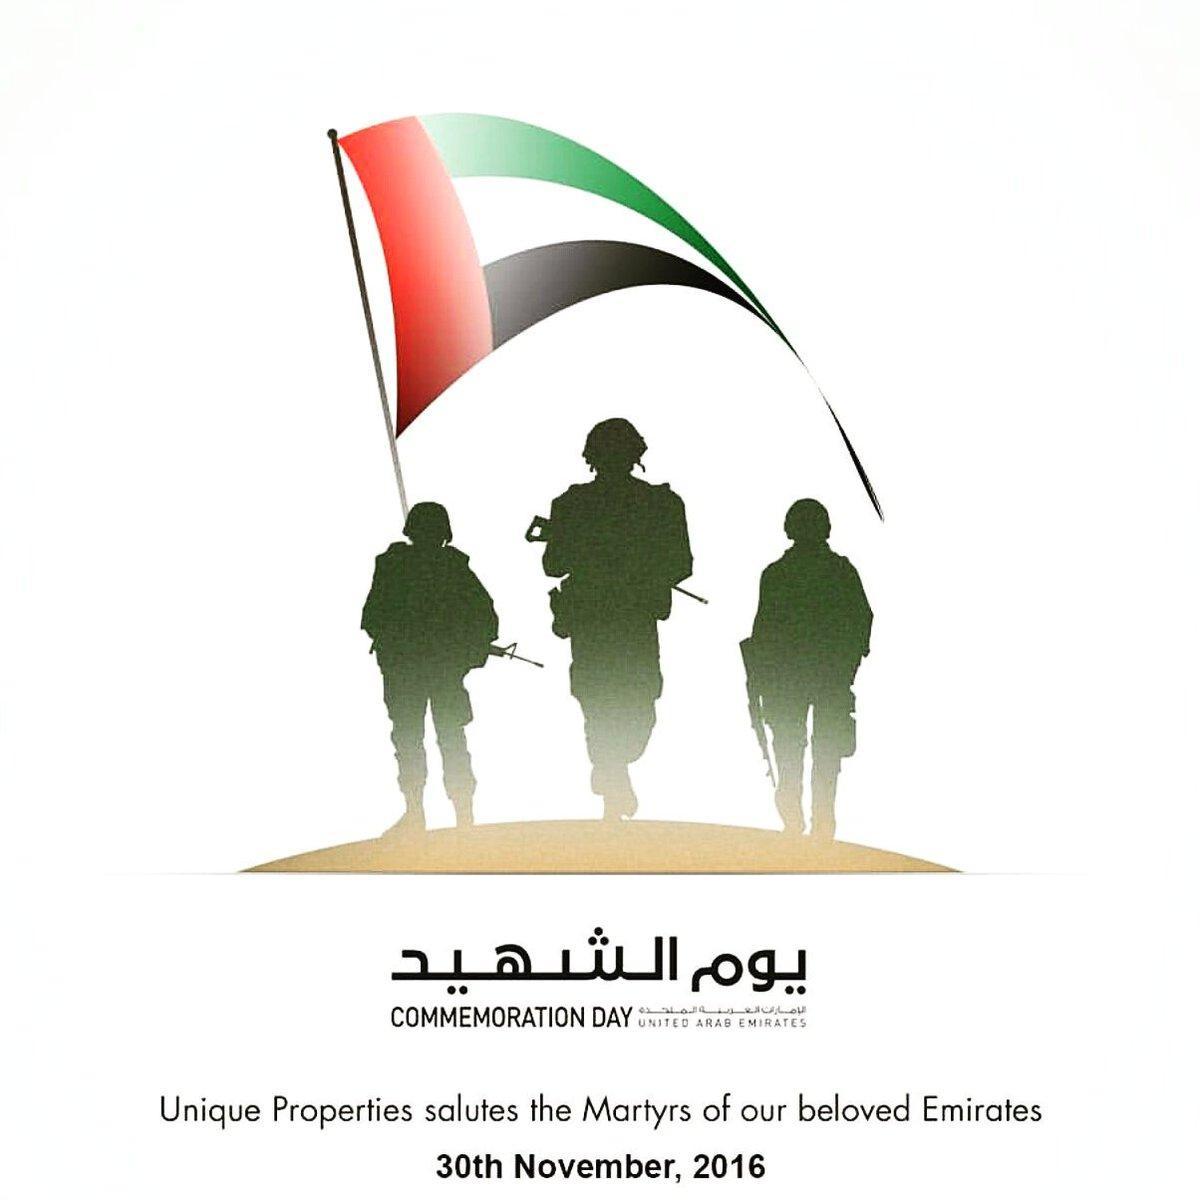 رسائل تهنئة بمناسبة يوم الشهيد بدولة الإمارات العربية المتحدة